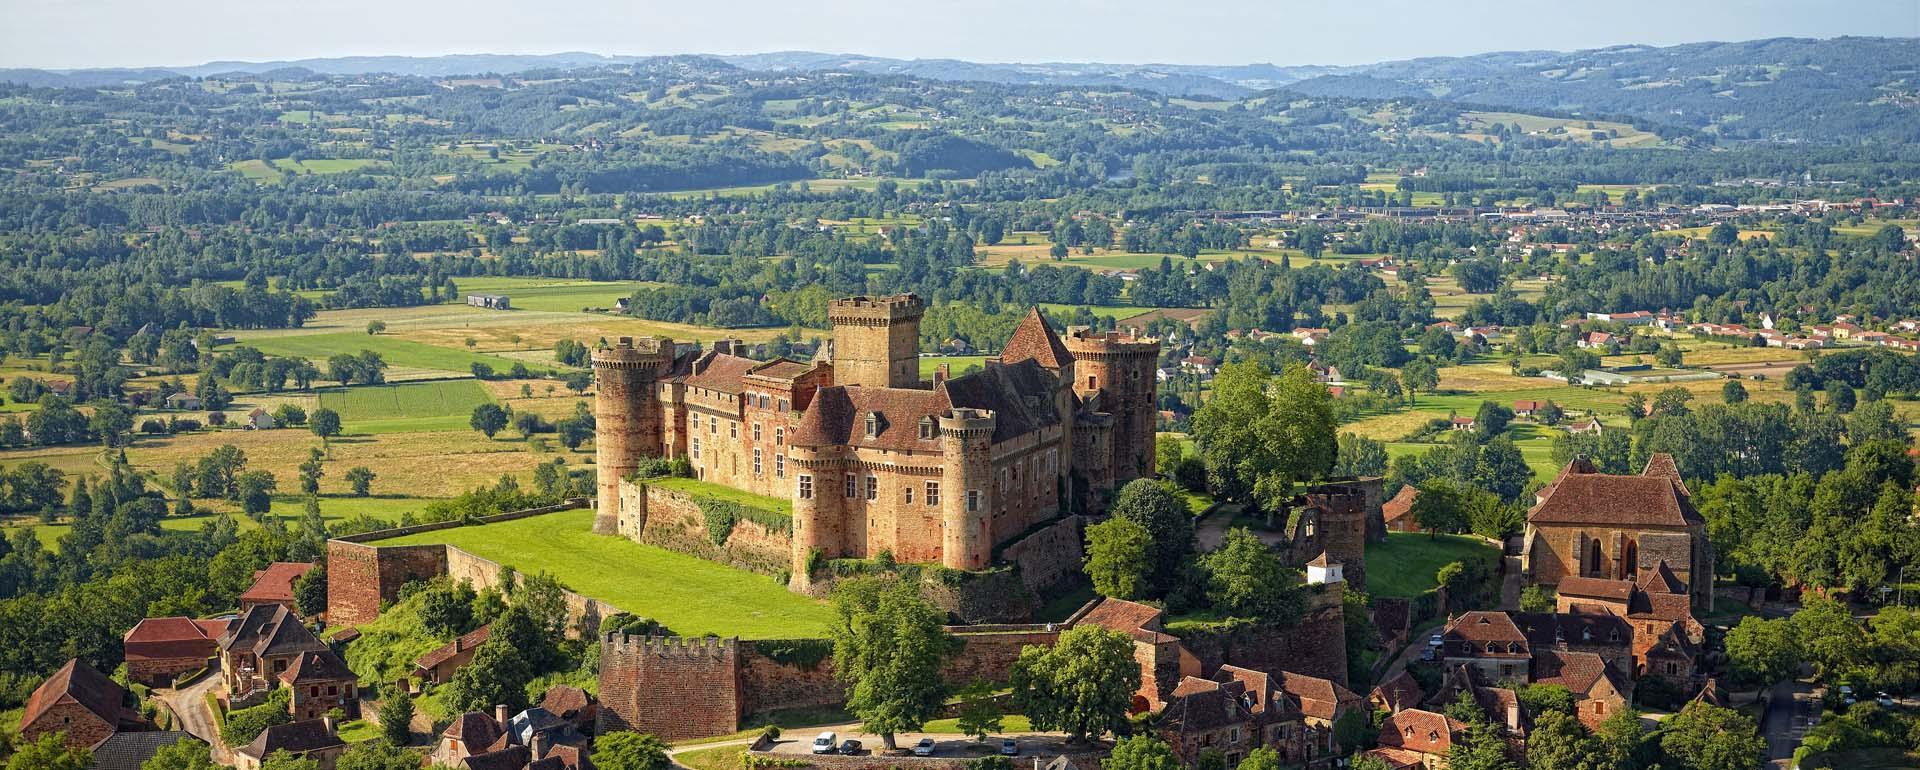 Château de Castelnau-Bretenoux dans le Lot